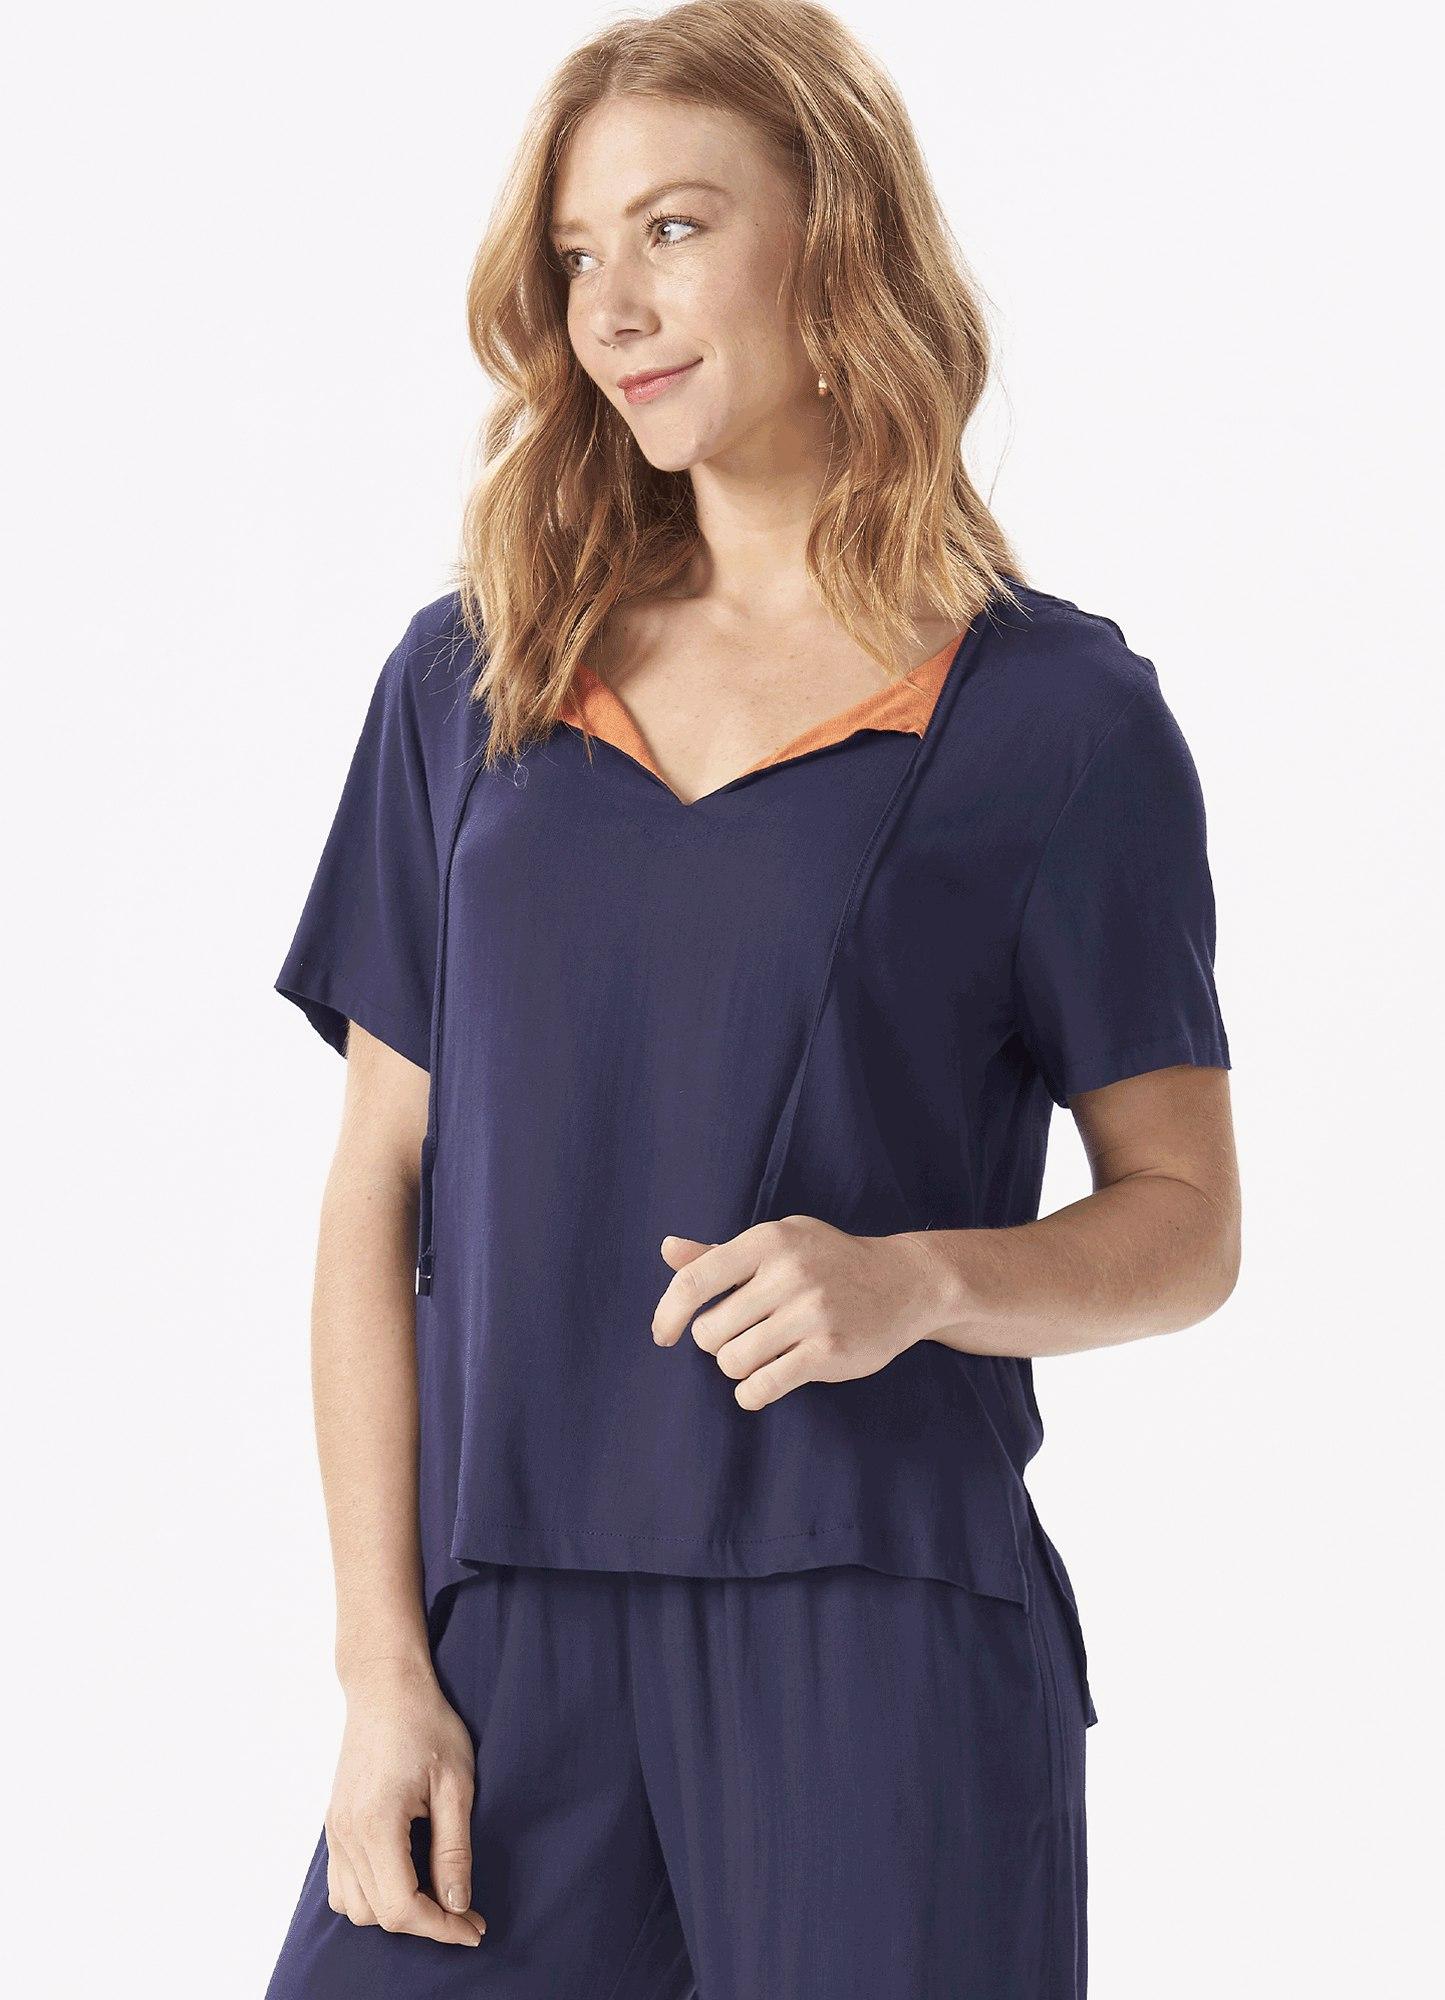 Blusa Feminina Tecido Azul Marinho Amarração Decote